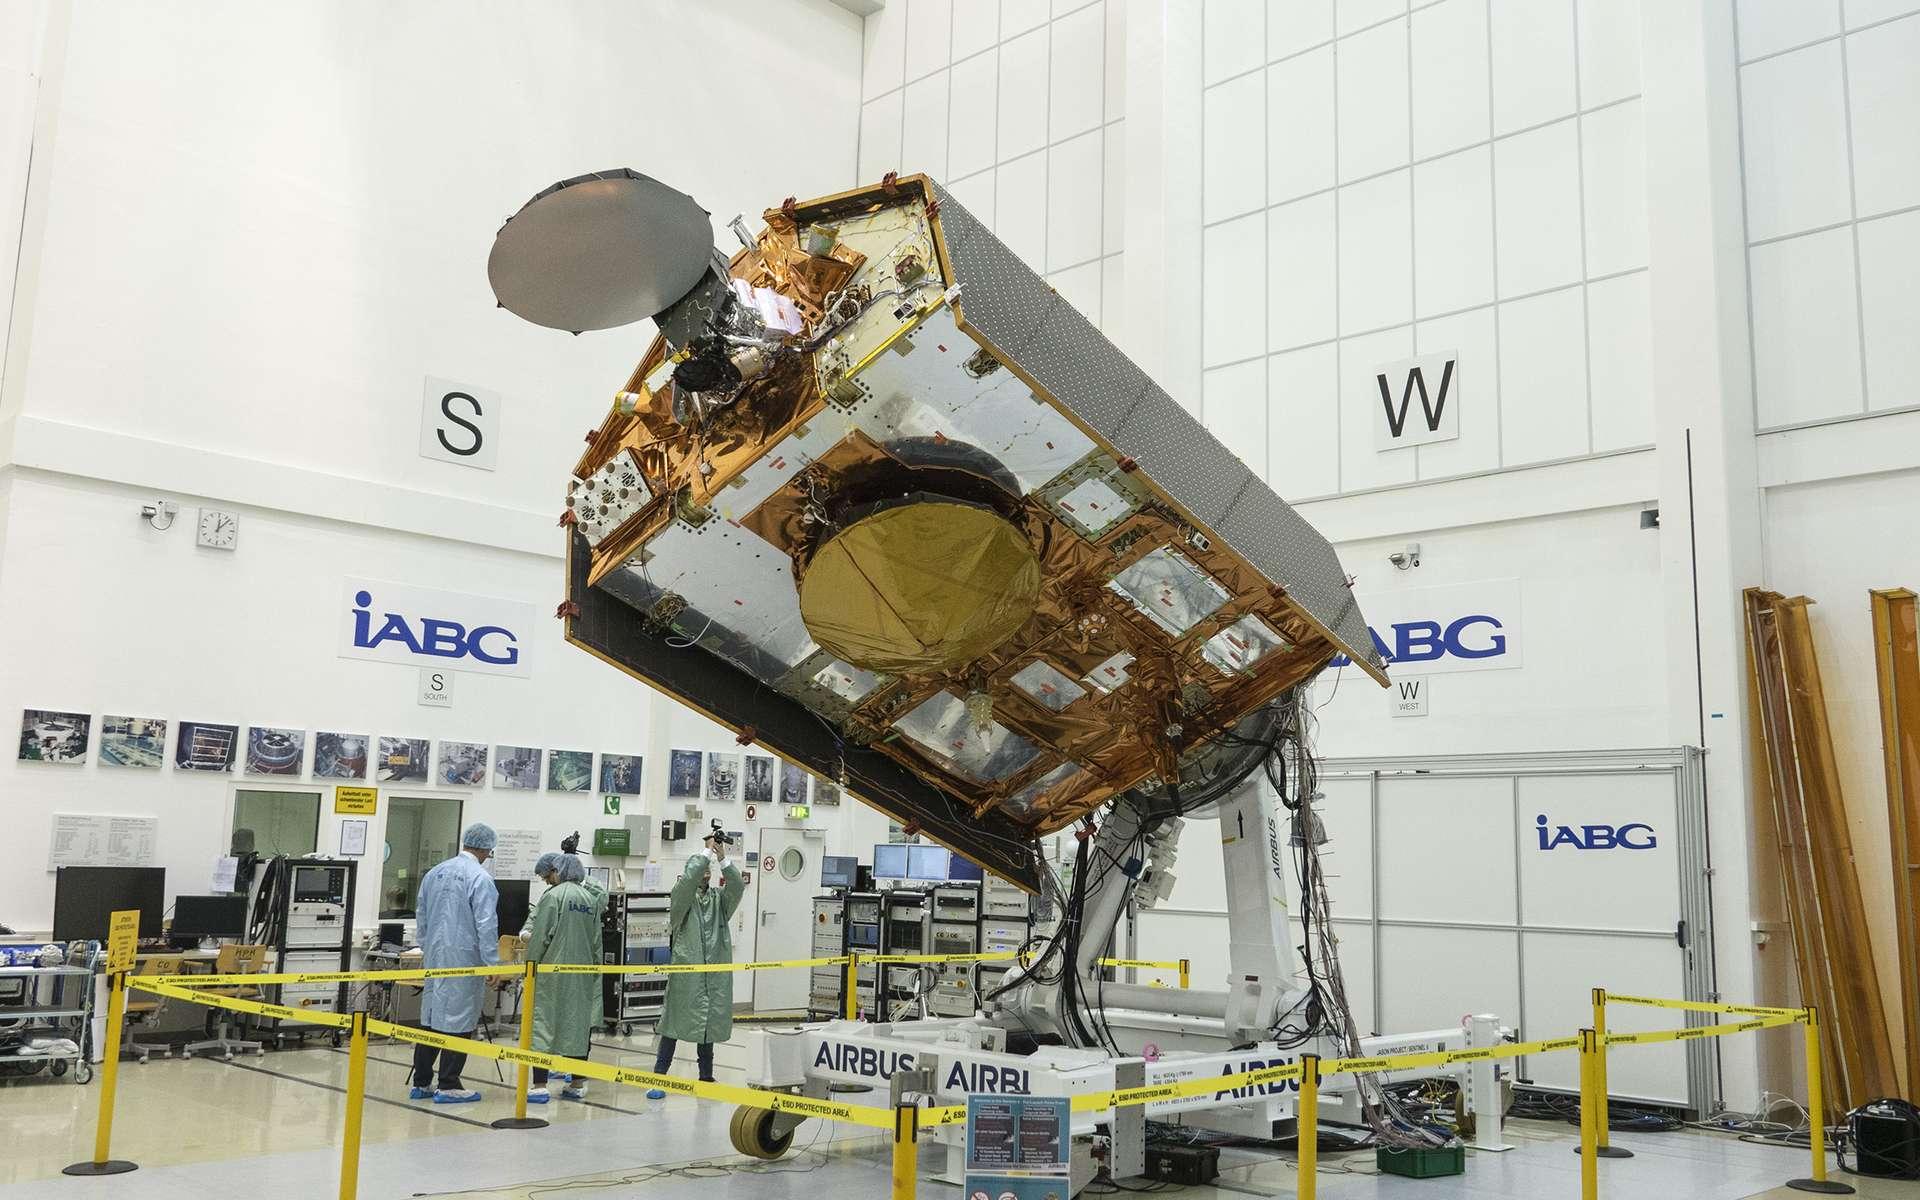 Le satellite Sentinel-6 dans les installations d'essais d'IABG en Allemagne. © Rémy Decourt